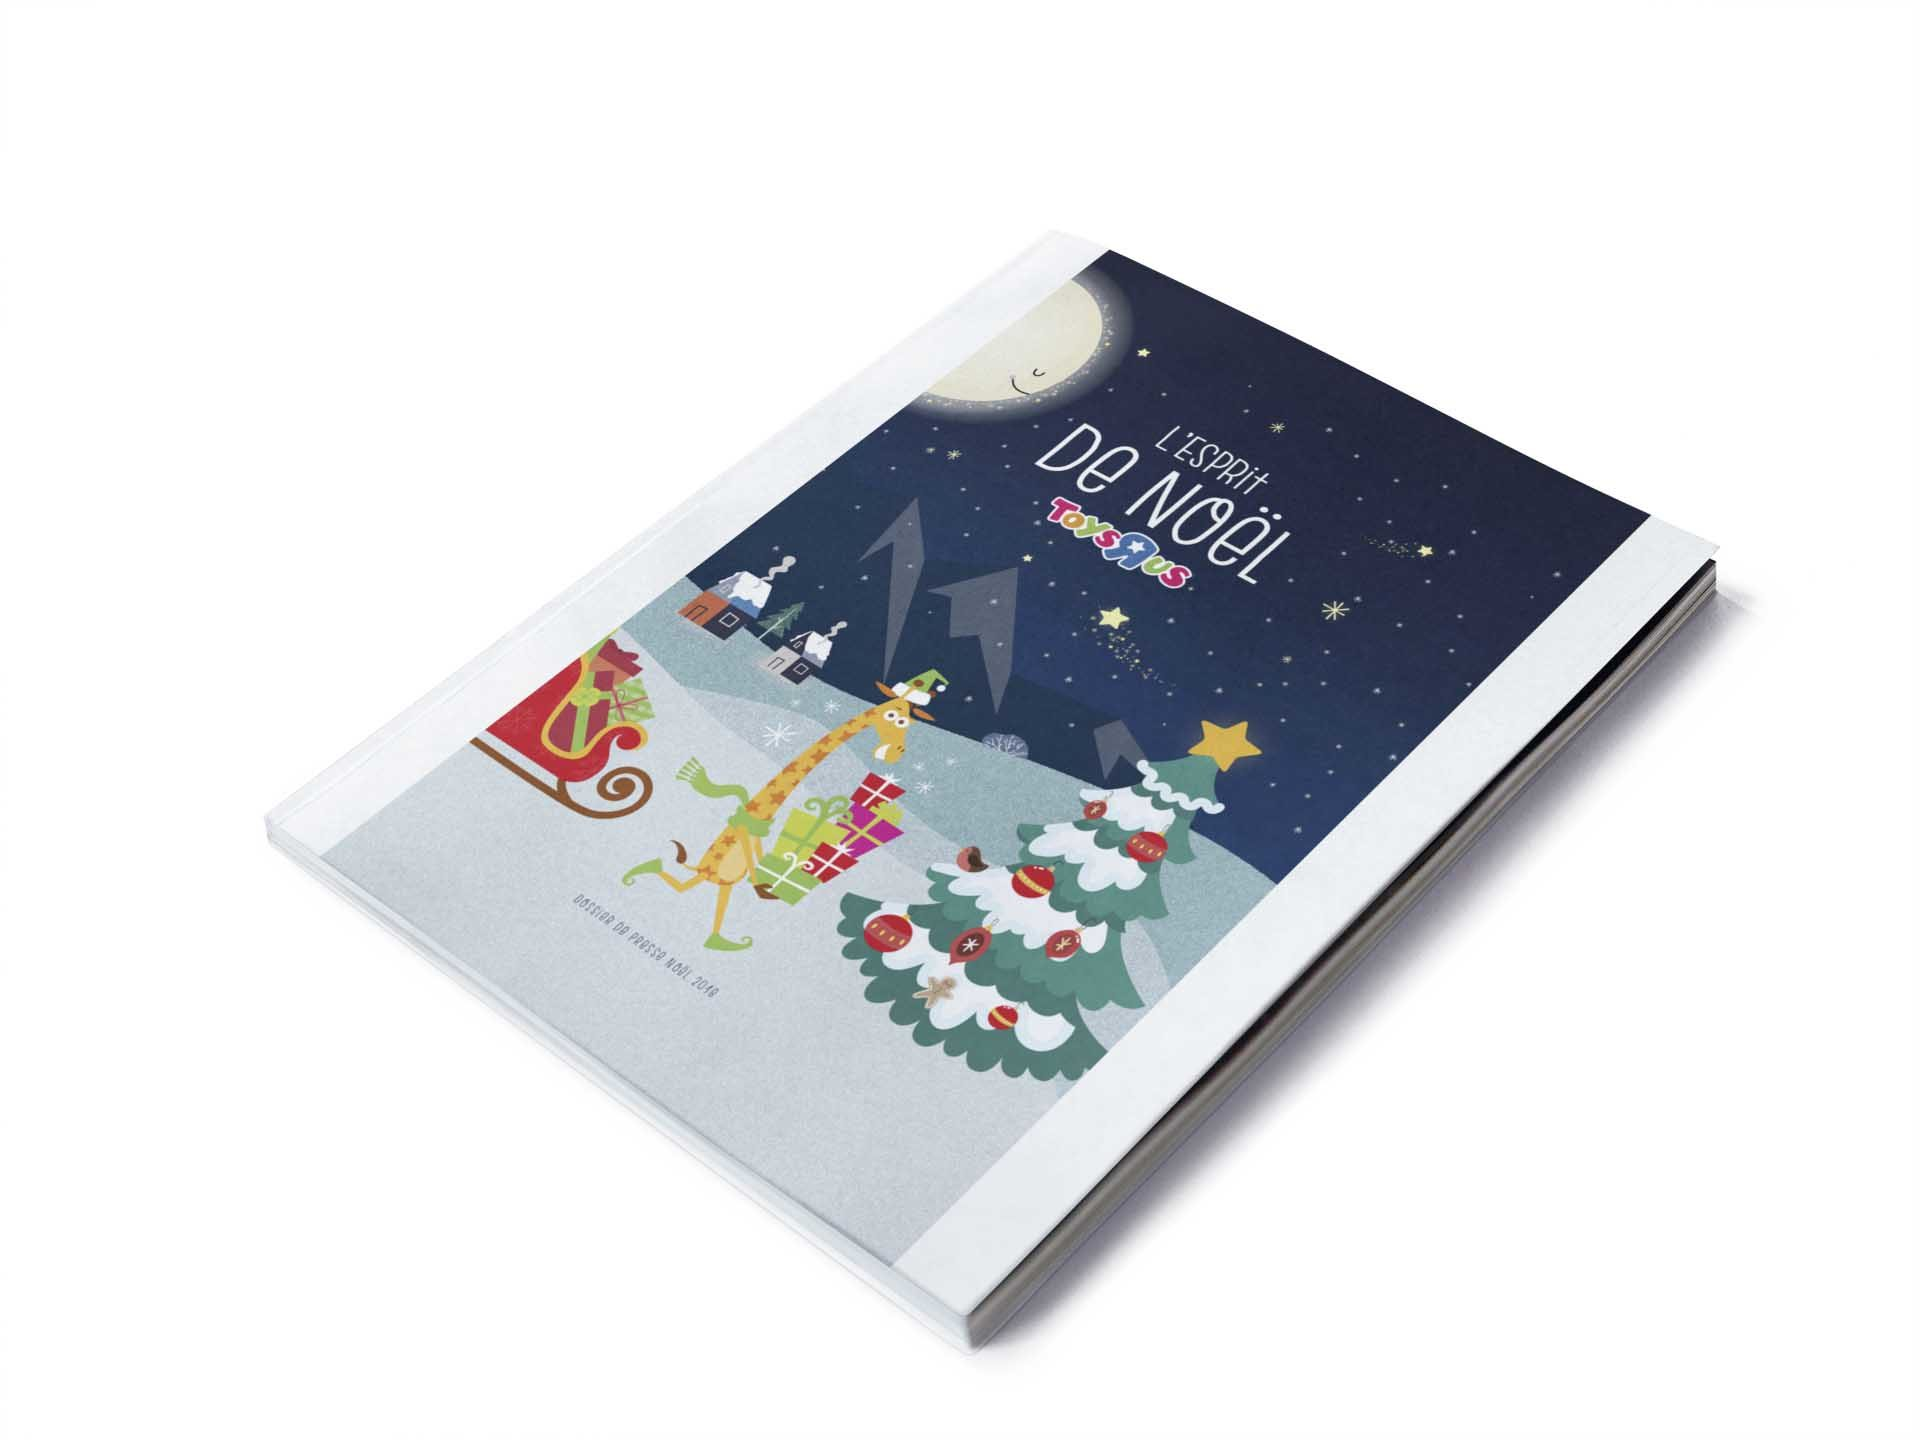 Couverture de l'esprit de Noël par Toys'r'us